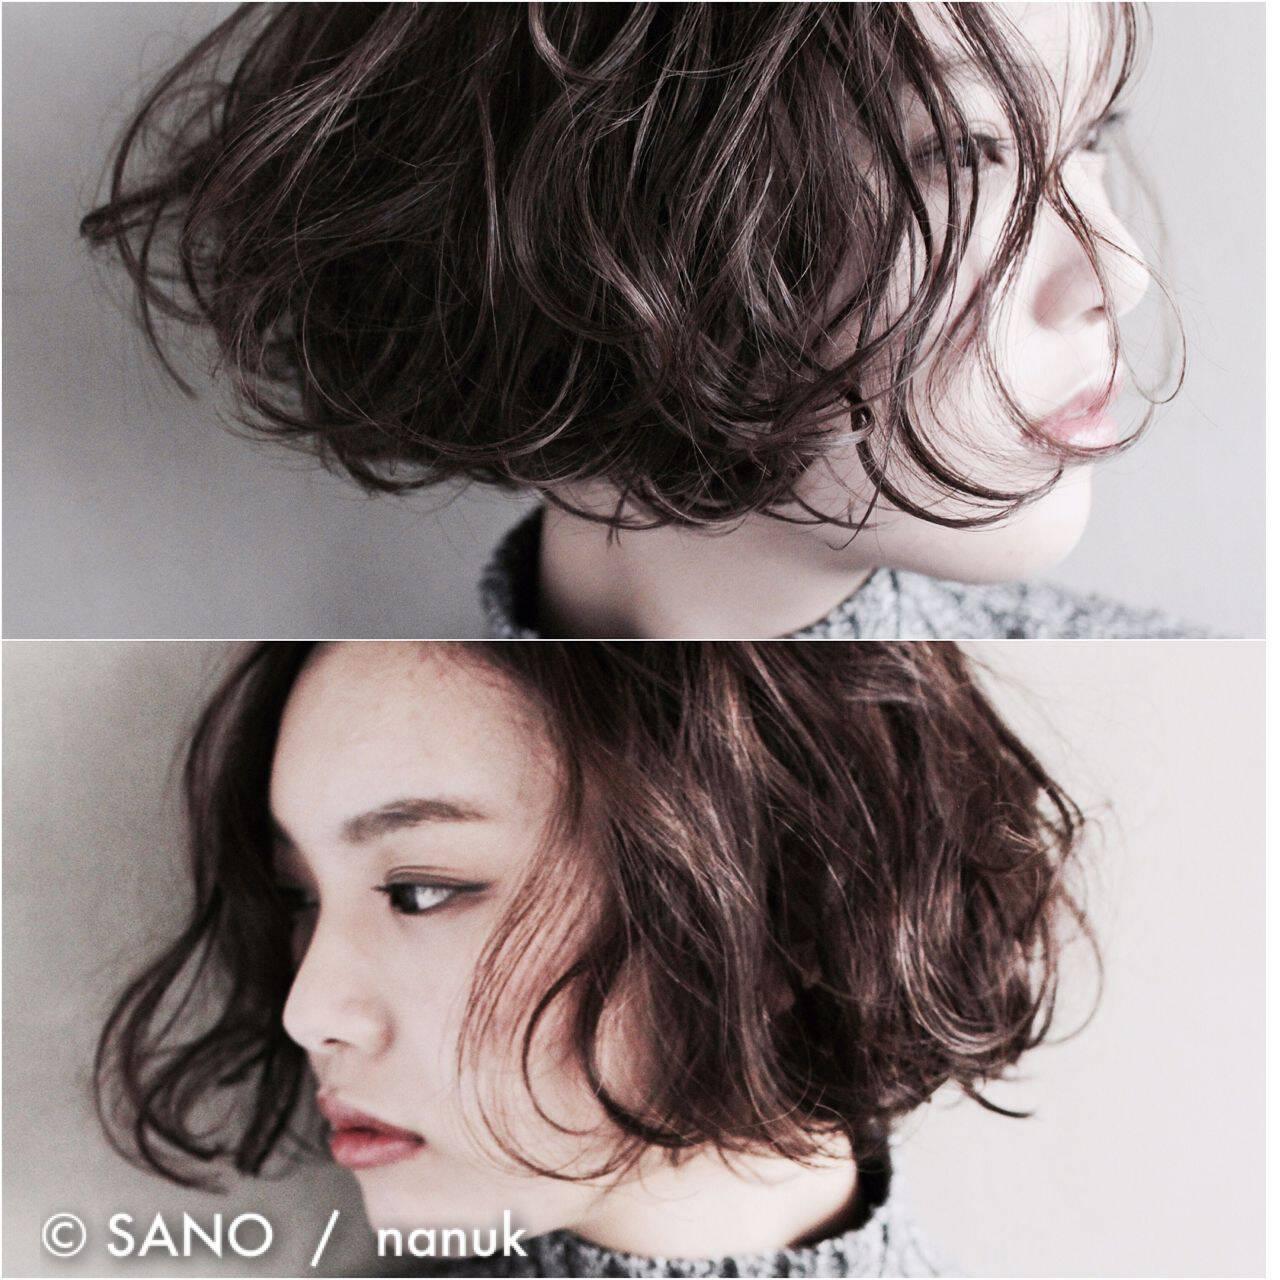 モード 抜け感 ボブ ウェットヘアヘアスタイルや髪型の写真・画像